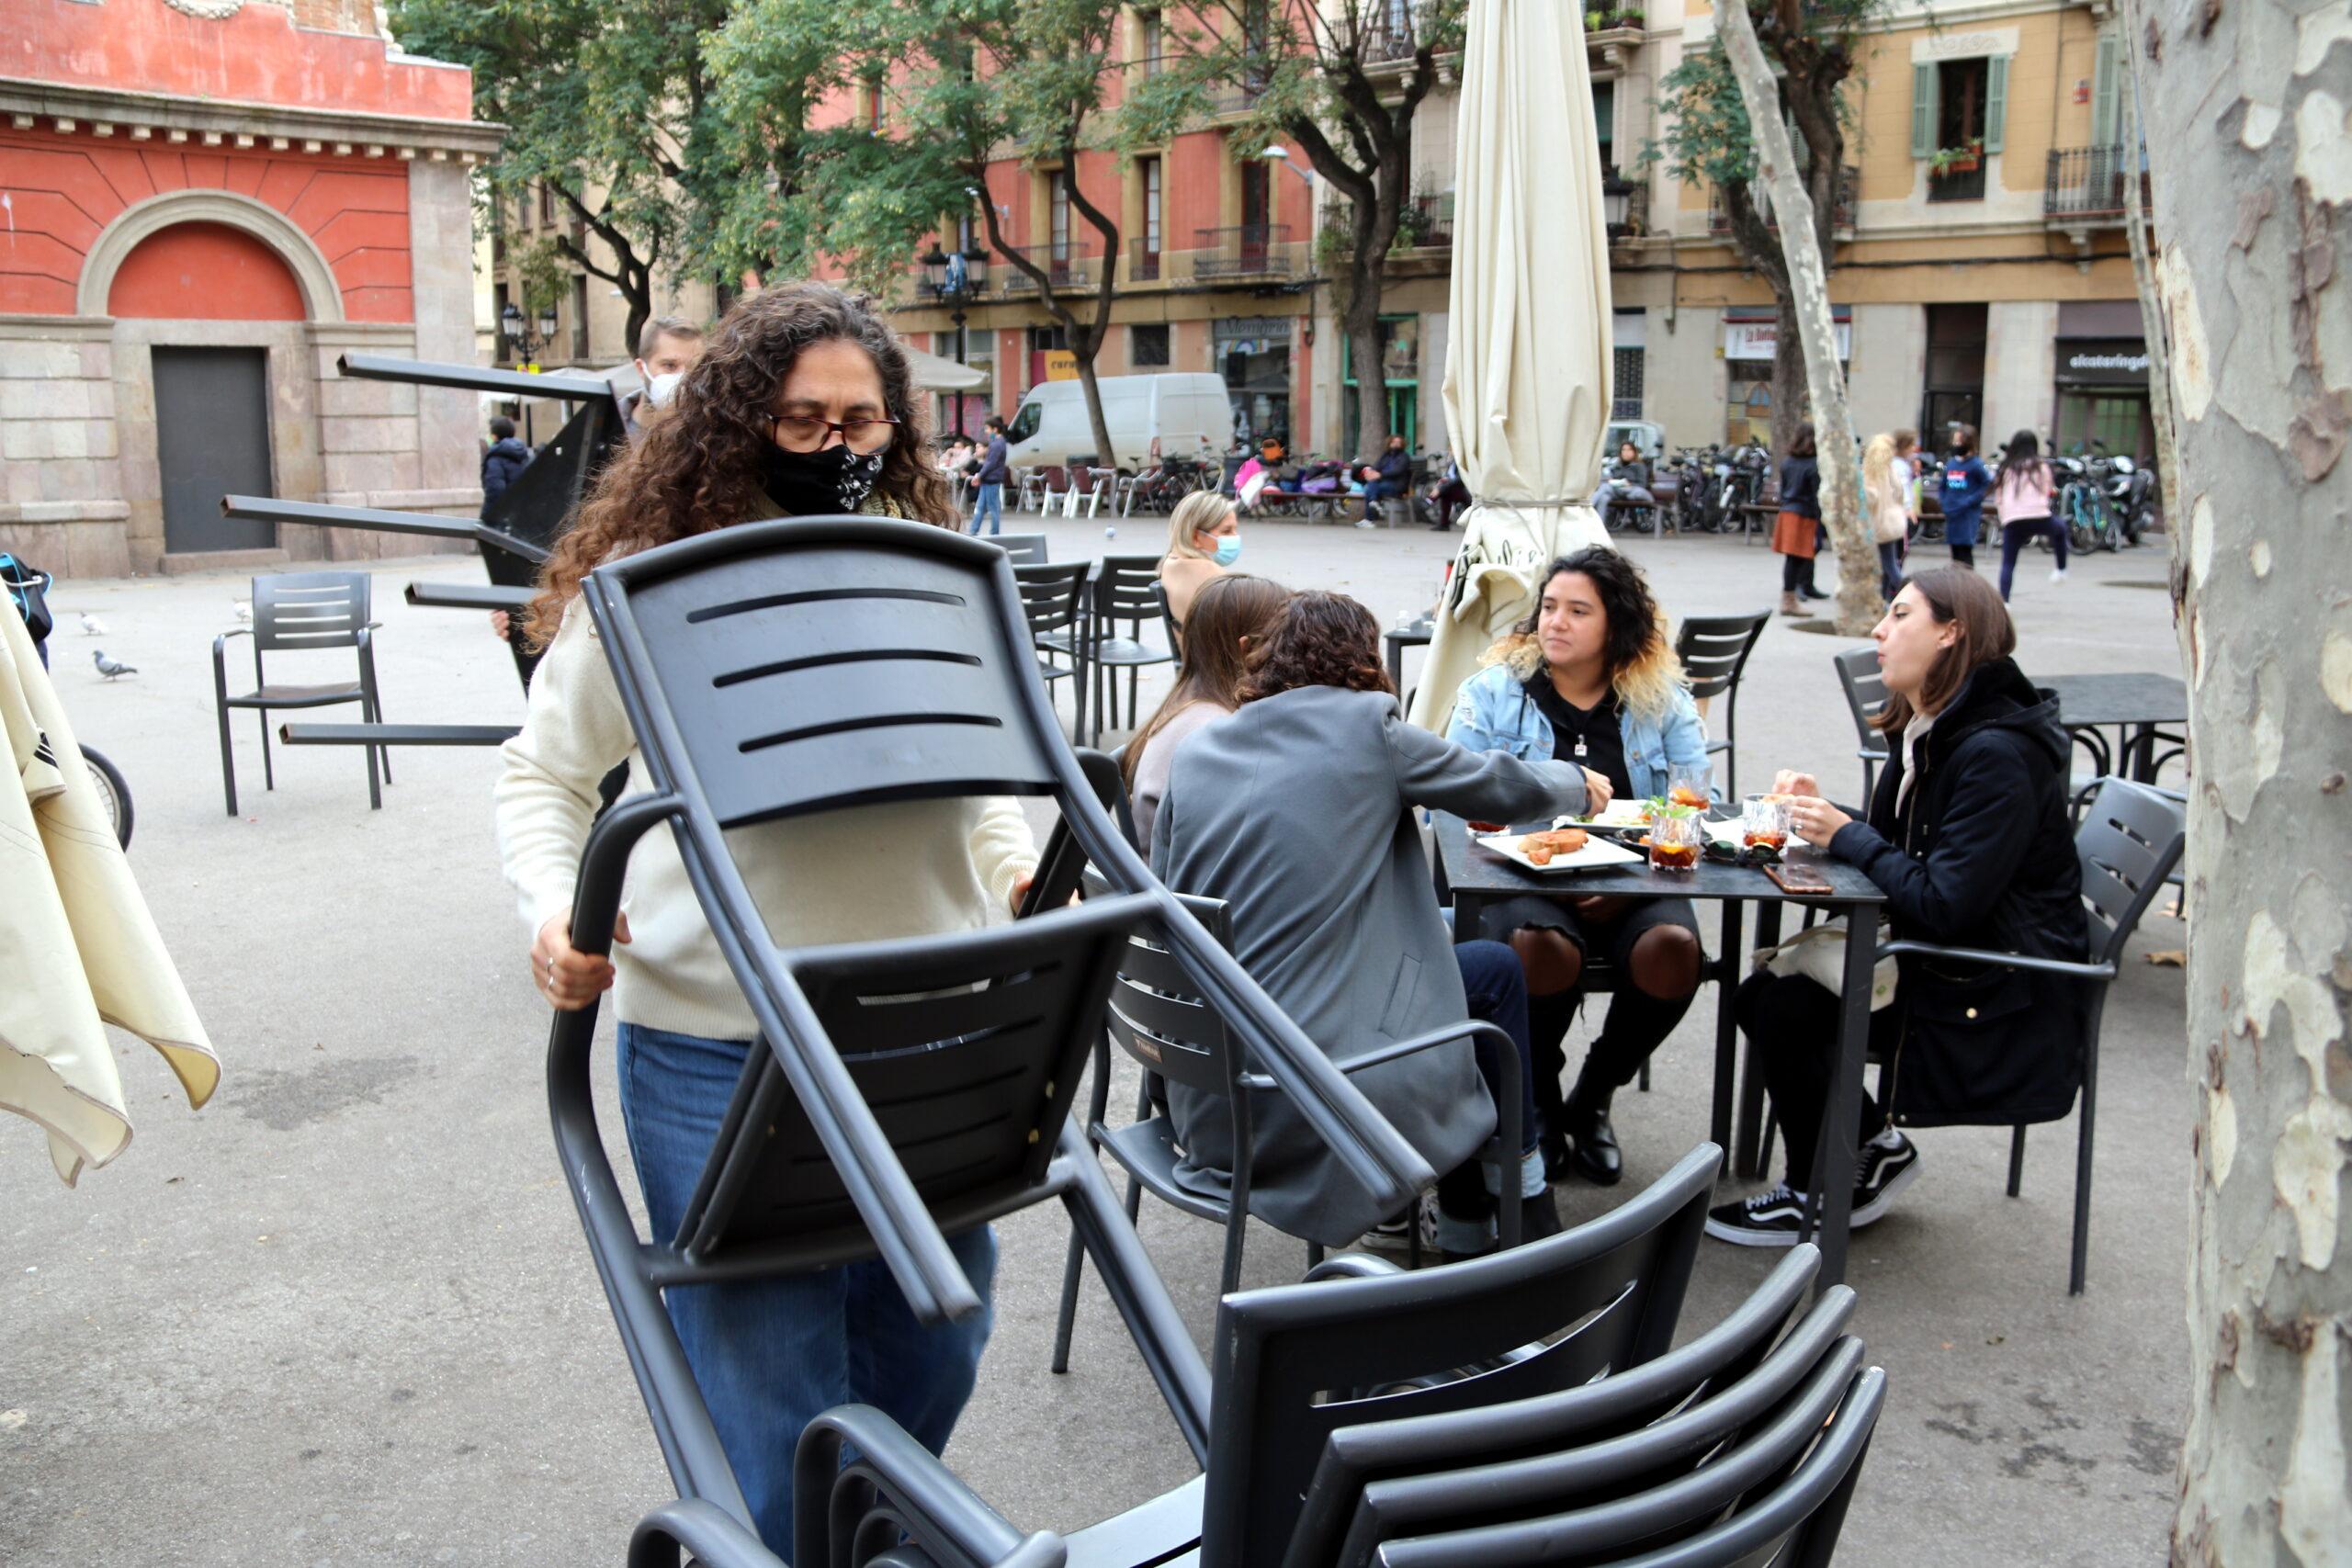 Treballadors del restaurant Amélie de la plaça de la Vila recollint taules i cadires amb gent encara menjant   ACN